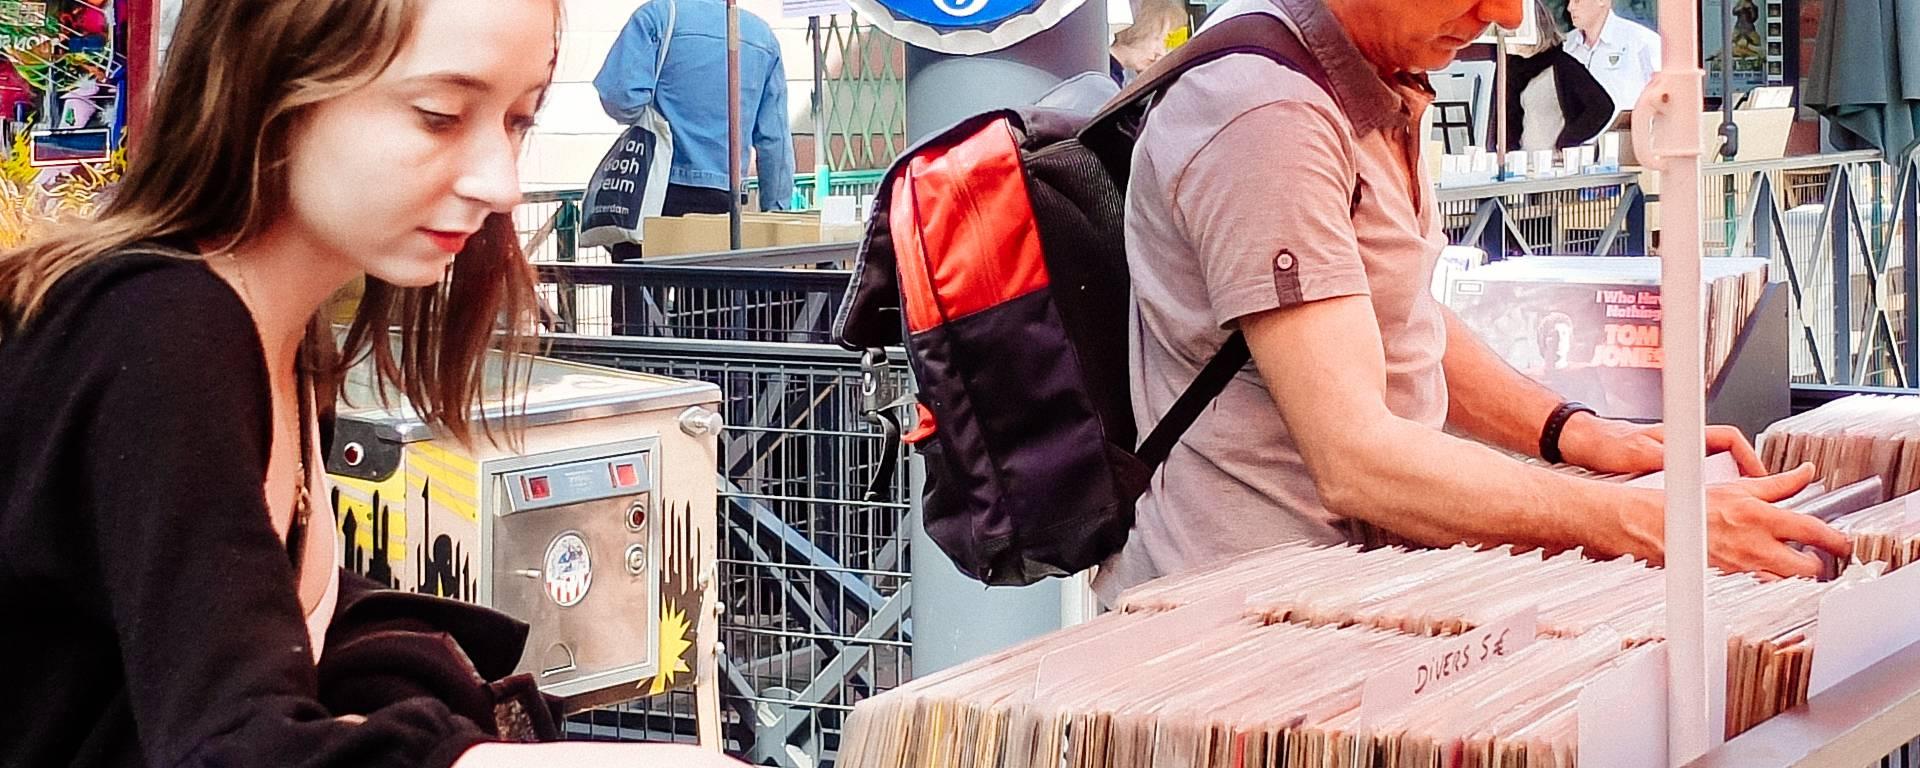 Vinyles au marché aux puces de Saint-Ouen / Porte de Clignancourt